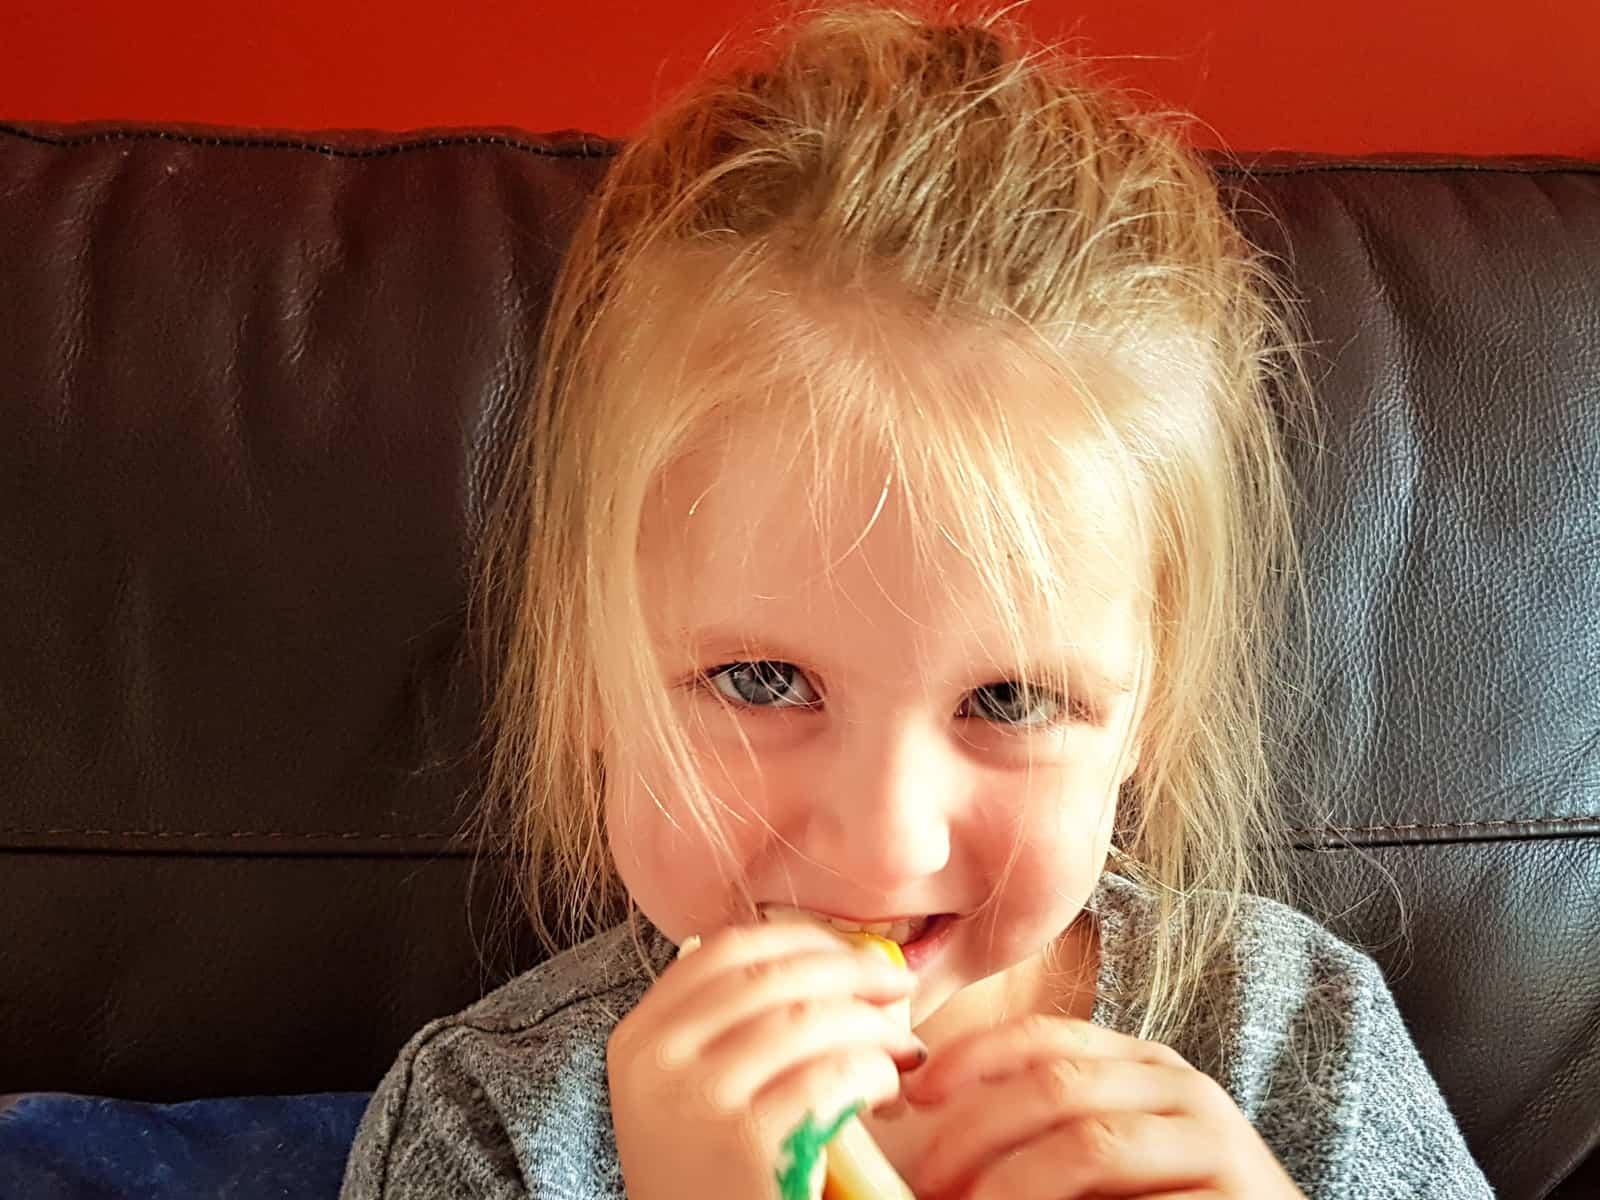 Pik-Nik cheese sticks girl eating indoors